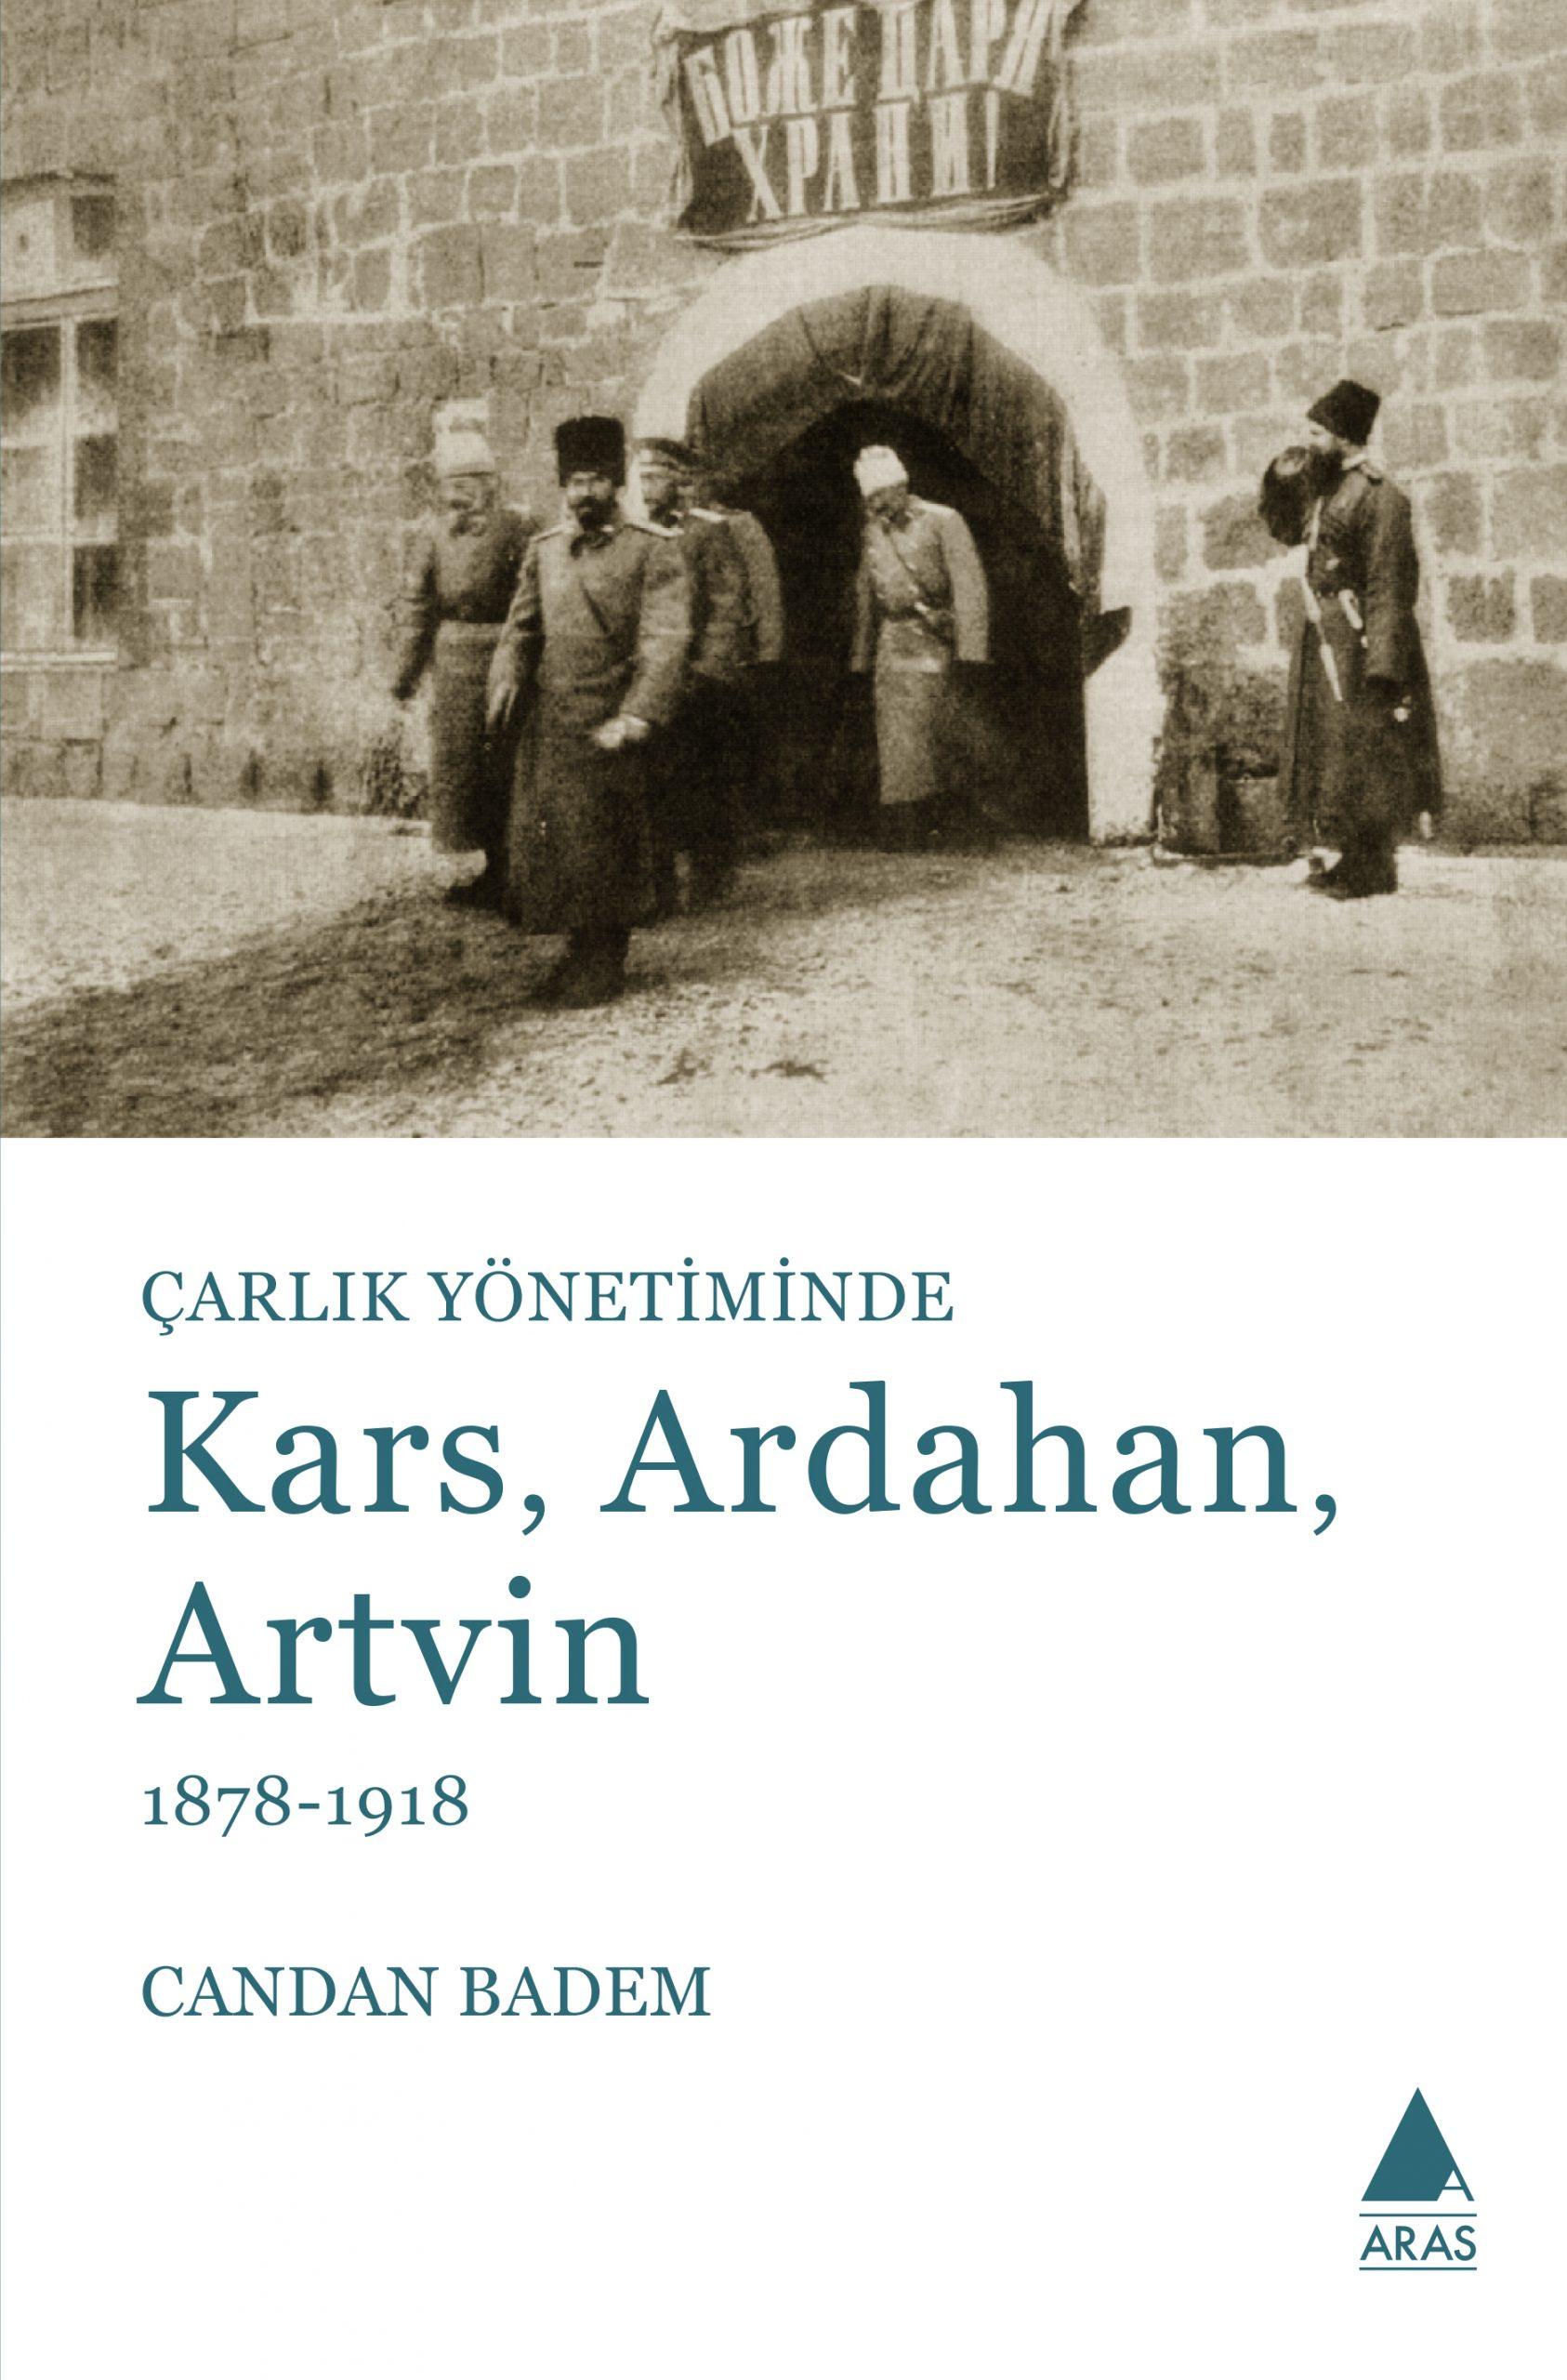 Çarlık Yönetiminde Kars, Ardahan, Artvin